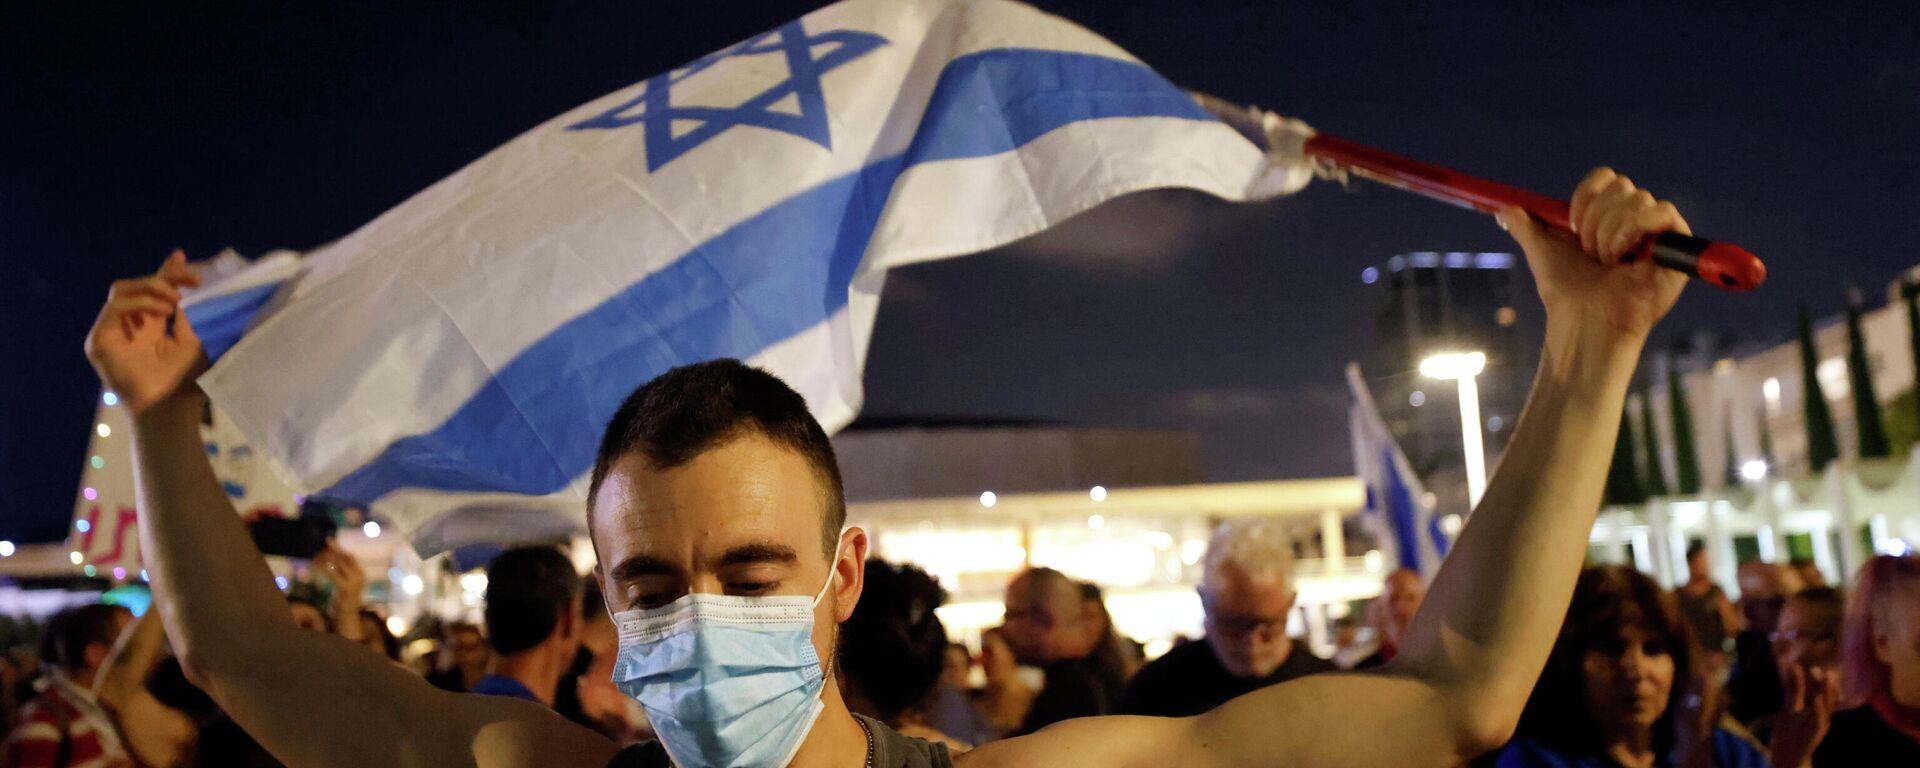 Un hombre con la bandera de Israel - Sputnik Mundo, 1920, 09.06.2021